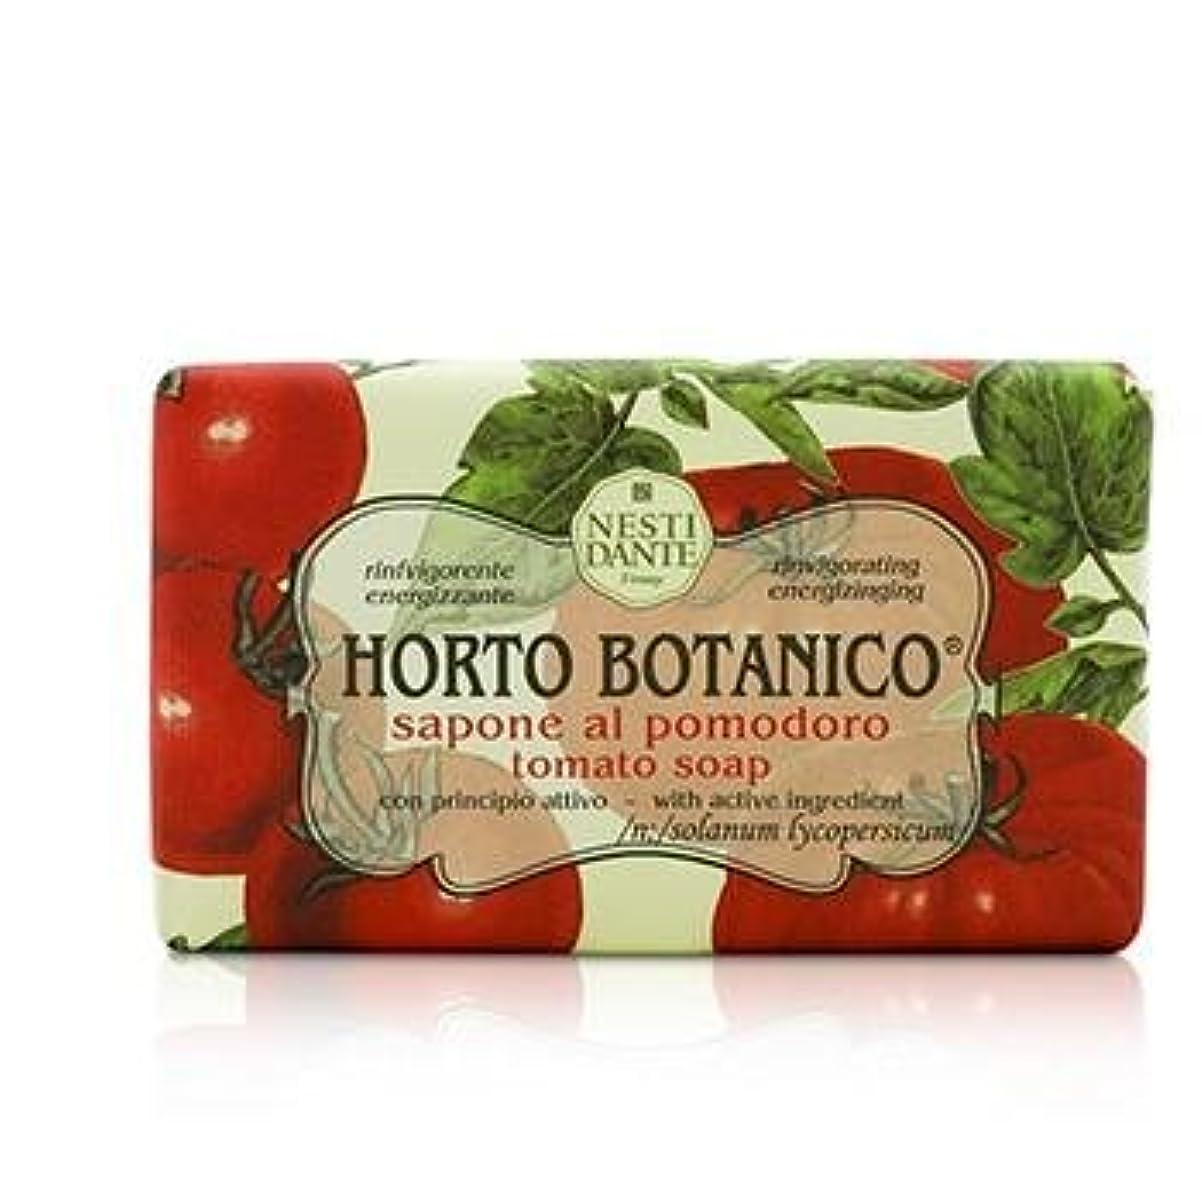 サービスさせる膨らませるネスティダンテ ホルトボタニコ ソープ トマト 250g